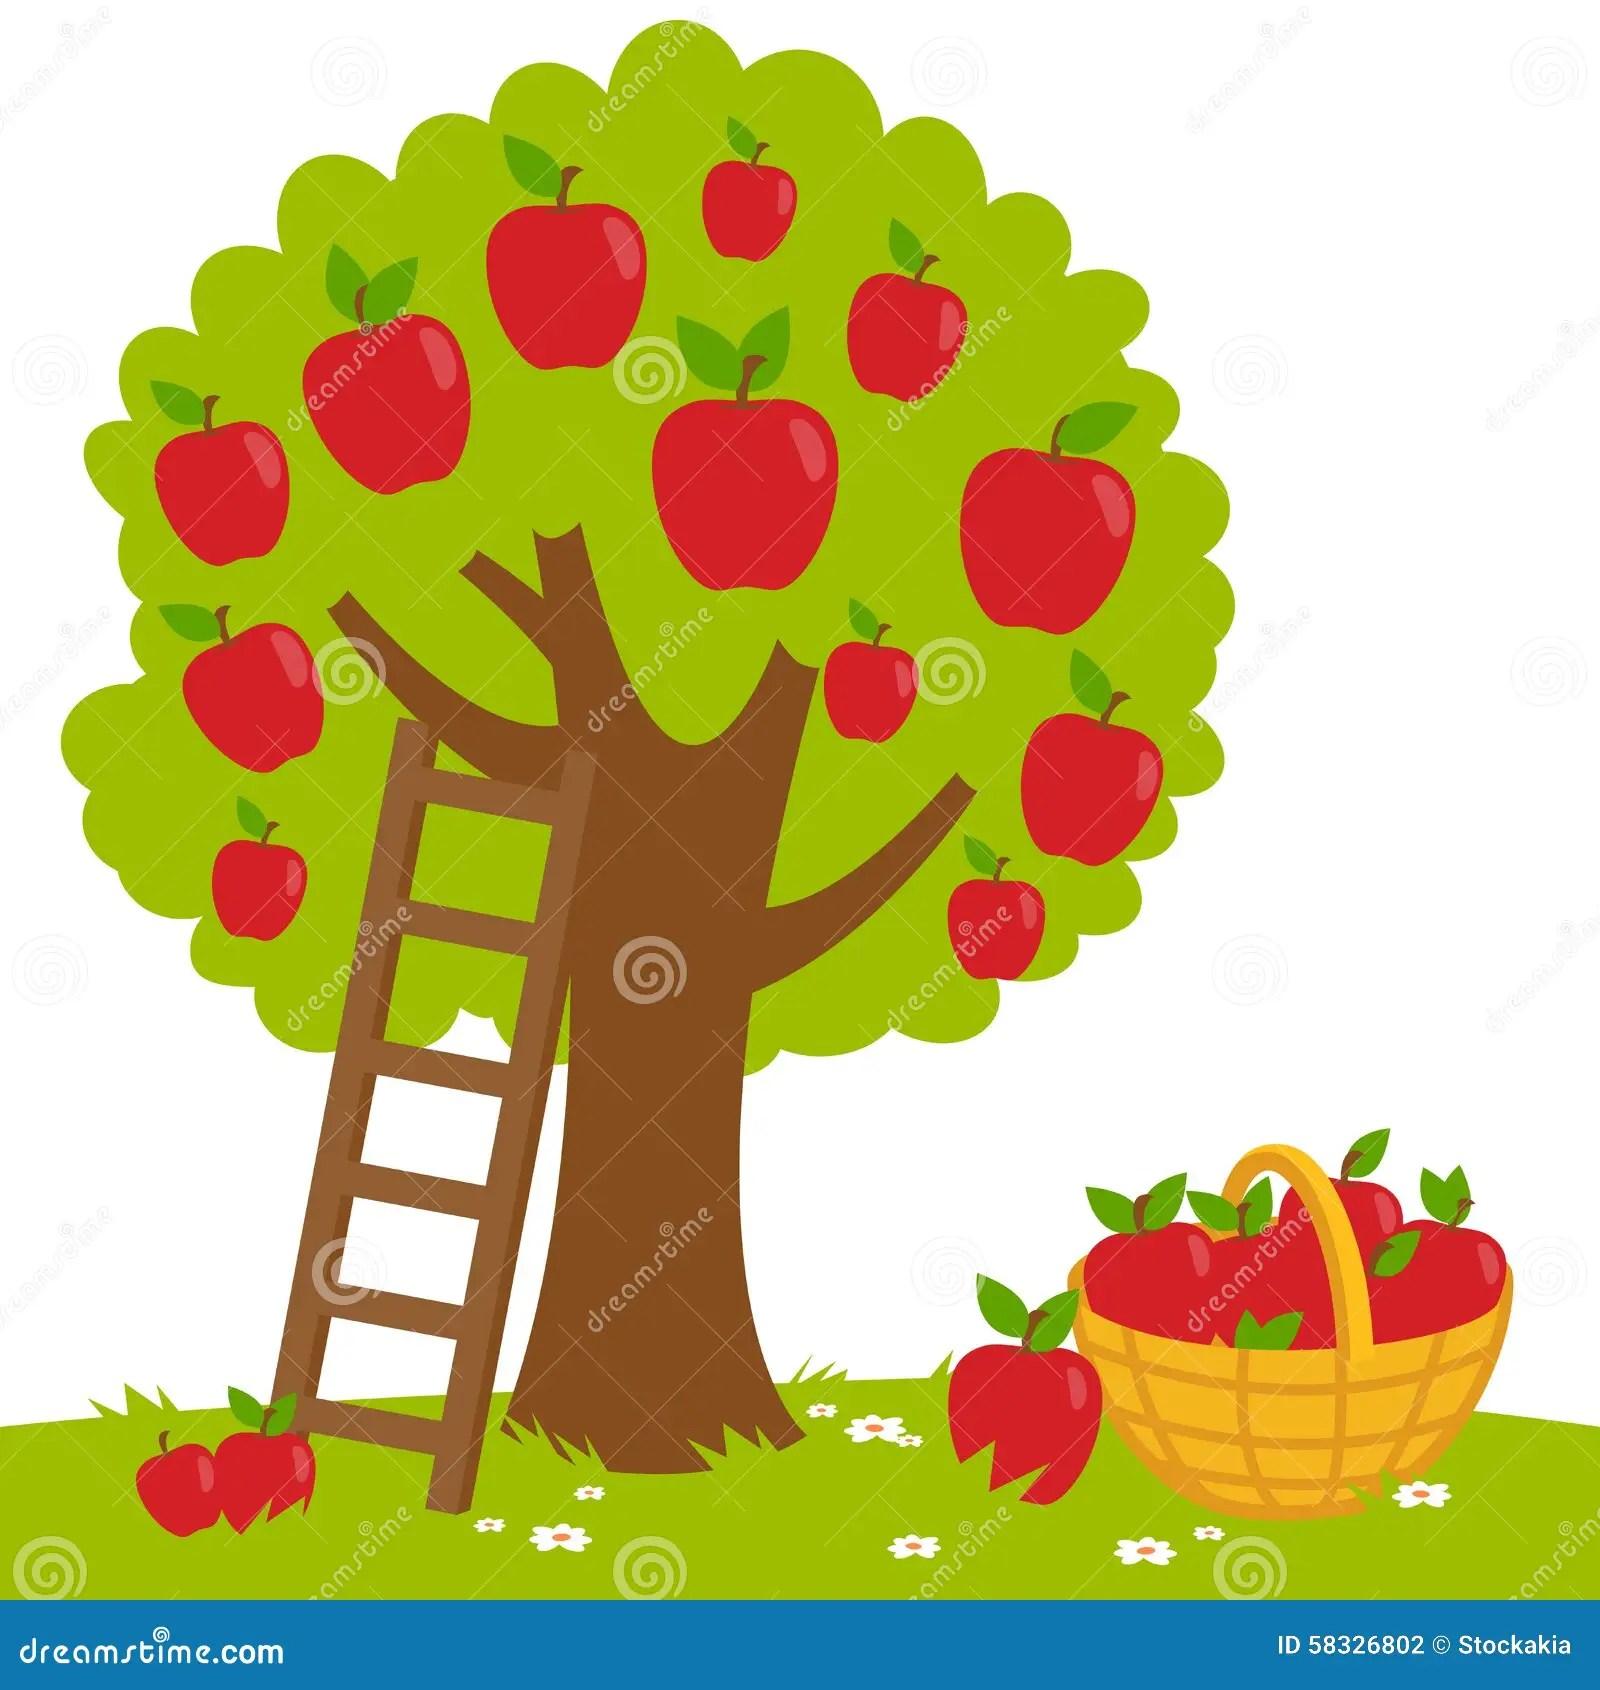 Free Fall Harvest Wallpaper Moisson De Pommier Illustration De Vecteur Illustration